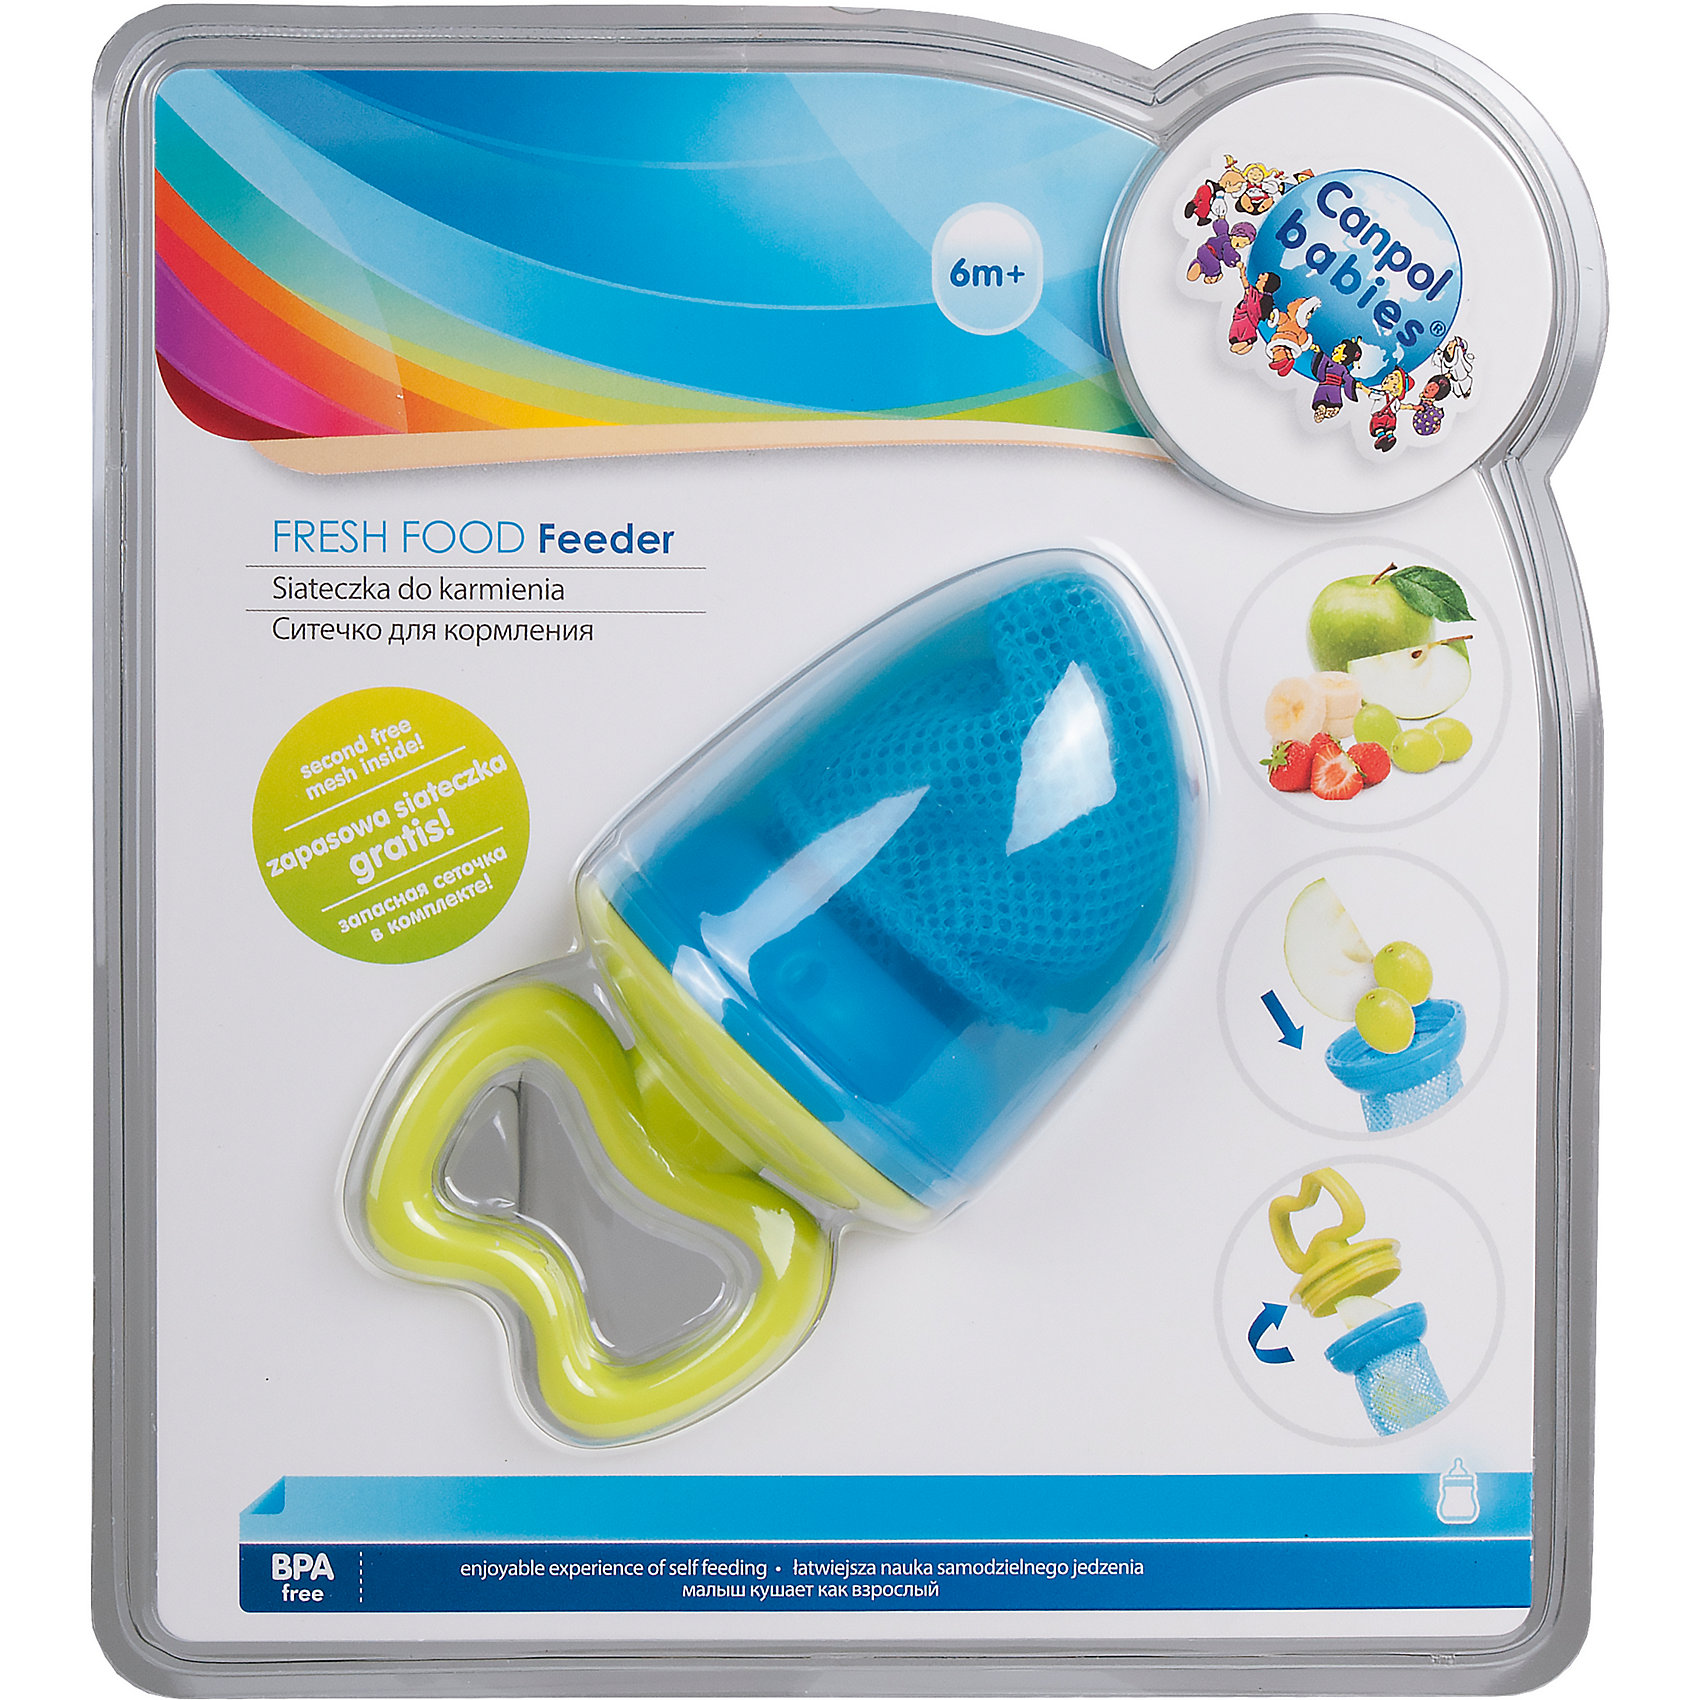 Ситечко для кормления 6+, Canpol Babies, синийПосуда для малышей<br>Ситечко для кормления 6+, Canpol Babies (КАНПОЛ БЕБИ), синий.<br><br>Характеристики:<br>• ручка удобна для ребенка<br>• есть защитный колпачок<br>• изготовлено из безопасных гипоаллергенных материалов<br>• материал: пластик, прочный текстиль<br>• размер упаковки: 21,5х17х7,5 см<br>• вес: 100 грамм<br>• цвет: синий<br><br>Ситечко Canpol Babies предназначено для малышей от 5 месяцев до года. С его помощью ребенок сможет плавно перейти от жидкой пищи к твердой. Положите фрукты, овощи или печенье в сеточку, закрепите ее - еда готова. Малыш сможет получить все полезные элементы из продуктов, не боясь подавиться. Удобная ручка позволит ребенку пользоваться ситечком самостоятельно. Яркий дизайн и удобная форма, несомненно, понравятся вашей крохе!<br><br>Ситечко для кормления 6+, Canpol Babies (КАНПОЛ БЕБИ), синий можно купить в нашем интернет-магазине.<br><br>Ширина мм: 170<br>Глубина мм: 75<br>Высота мм: 215<br>Вес г: 370<br>Возраст от месяцев: 6<br>Возраст до месяцев: 36<br>Пол: Мужской<br>Возраст: Детский<br>SKU: 5156689